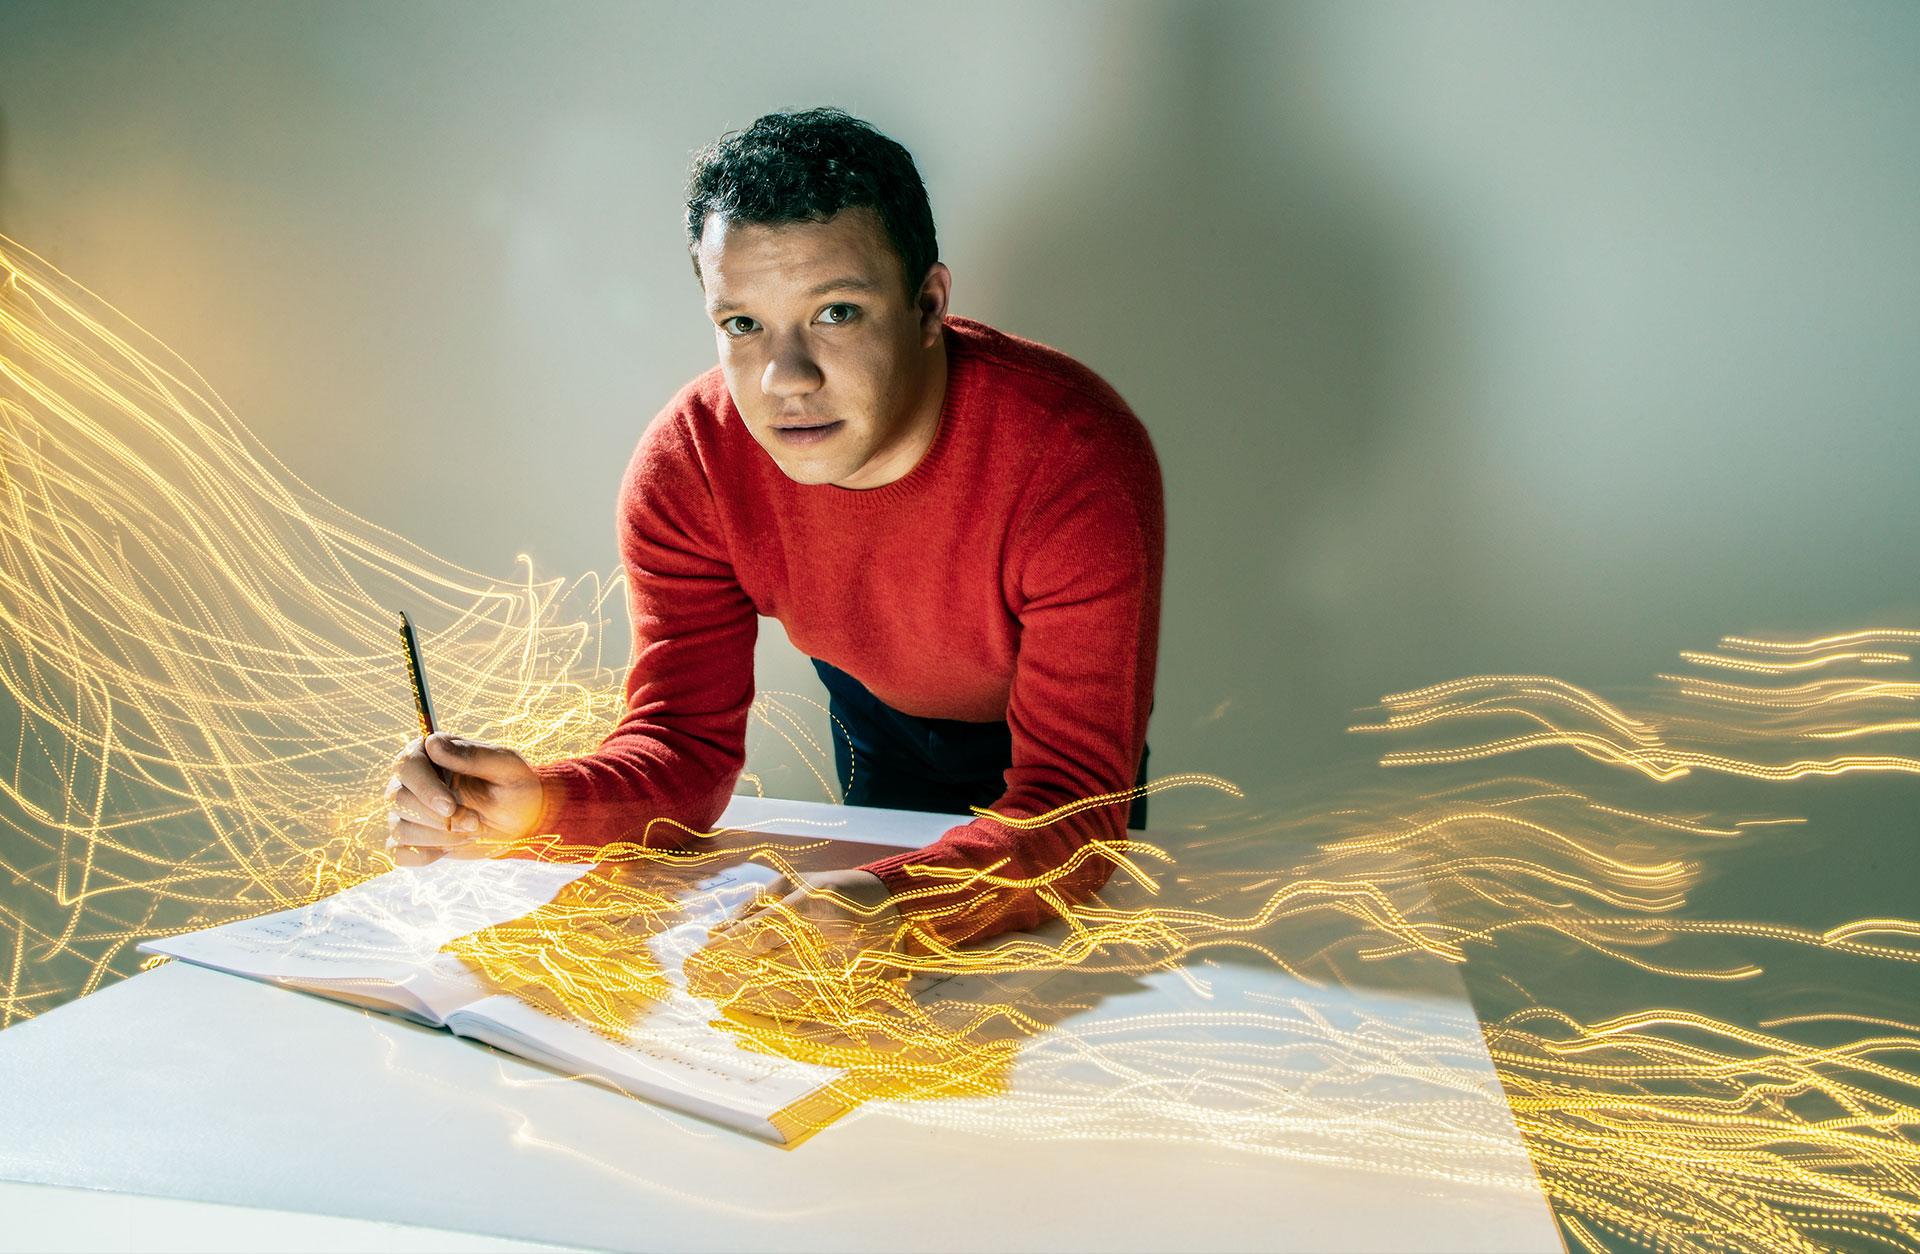 Dirigenten Ryan Bancroft lutar sig över ett notblad med pennan i hand, det går ljusstrålar från notbladet.